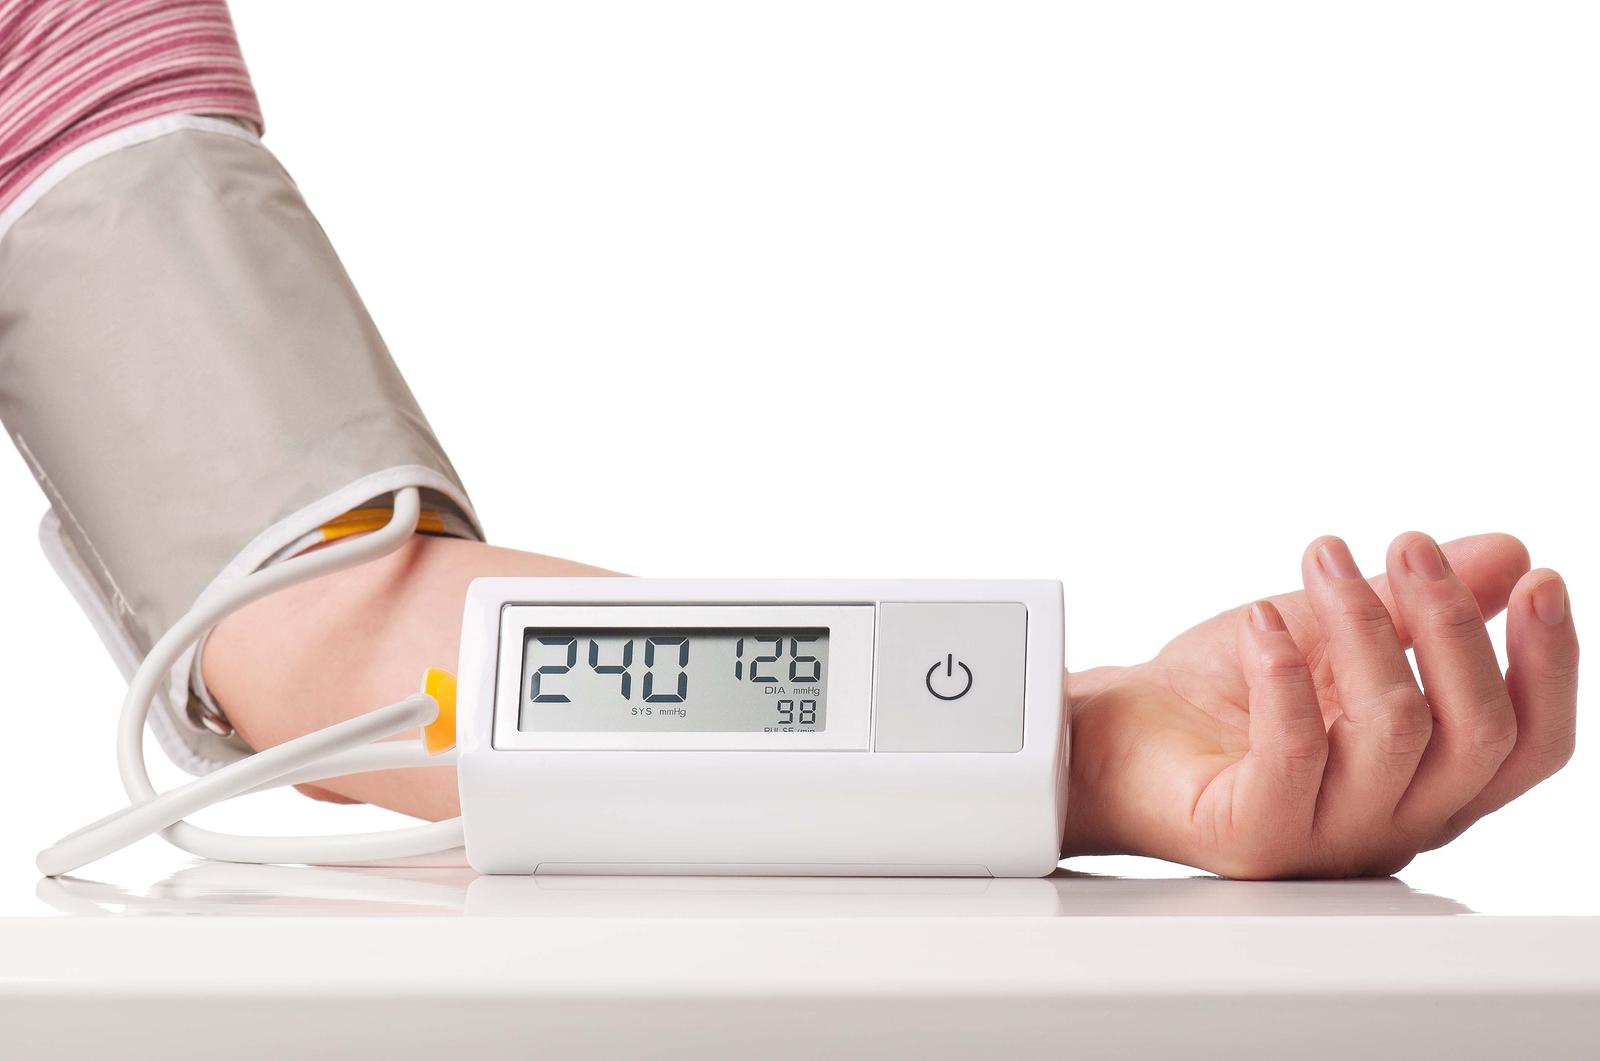 Как снизить давление в домашних условиях - Лечение народными средствами 54